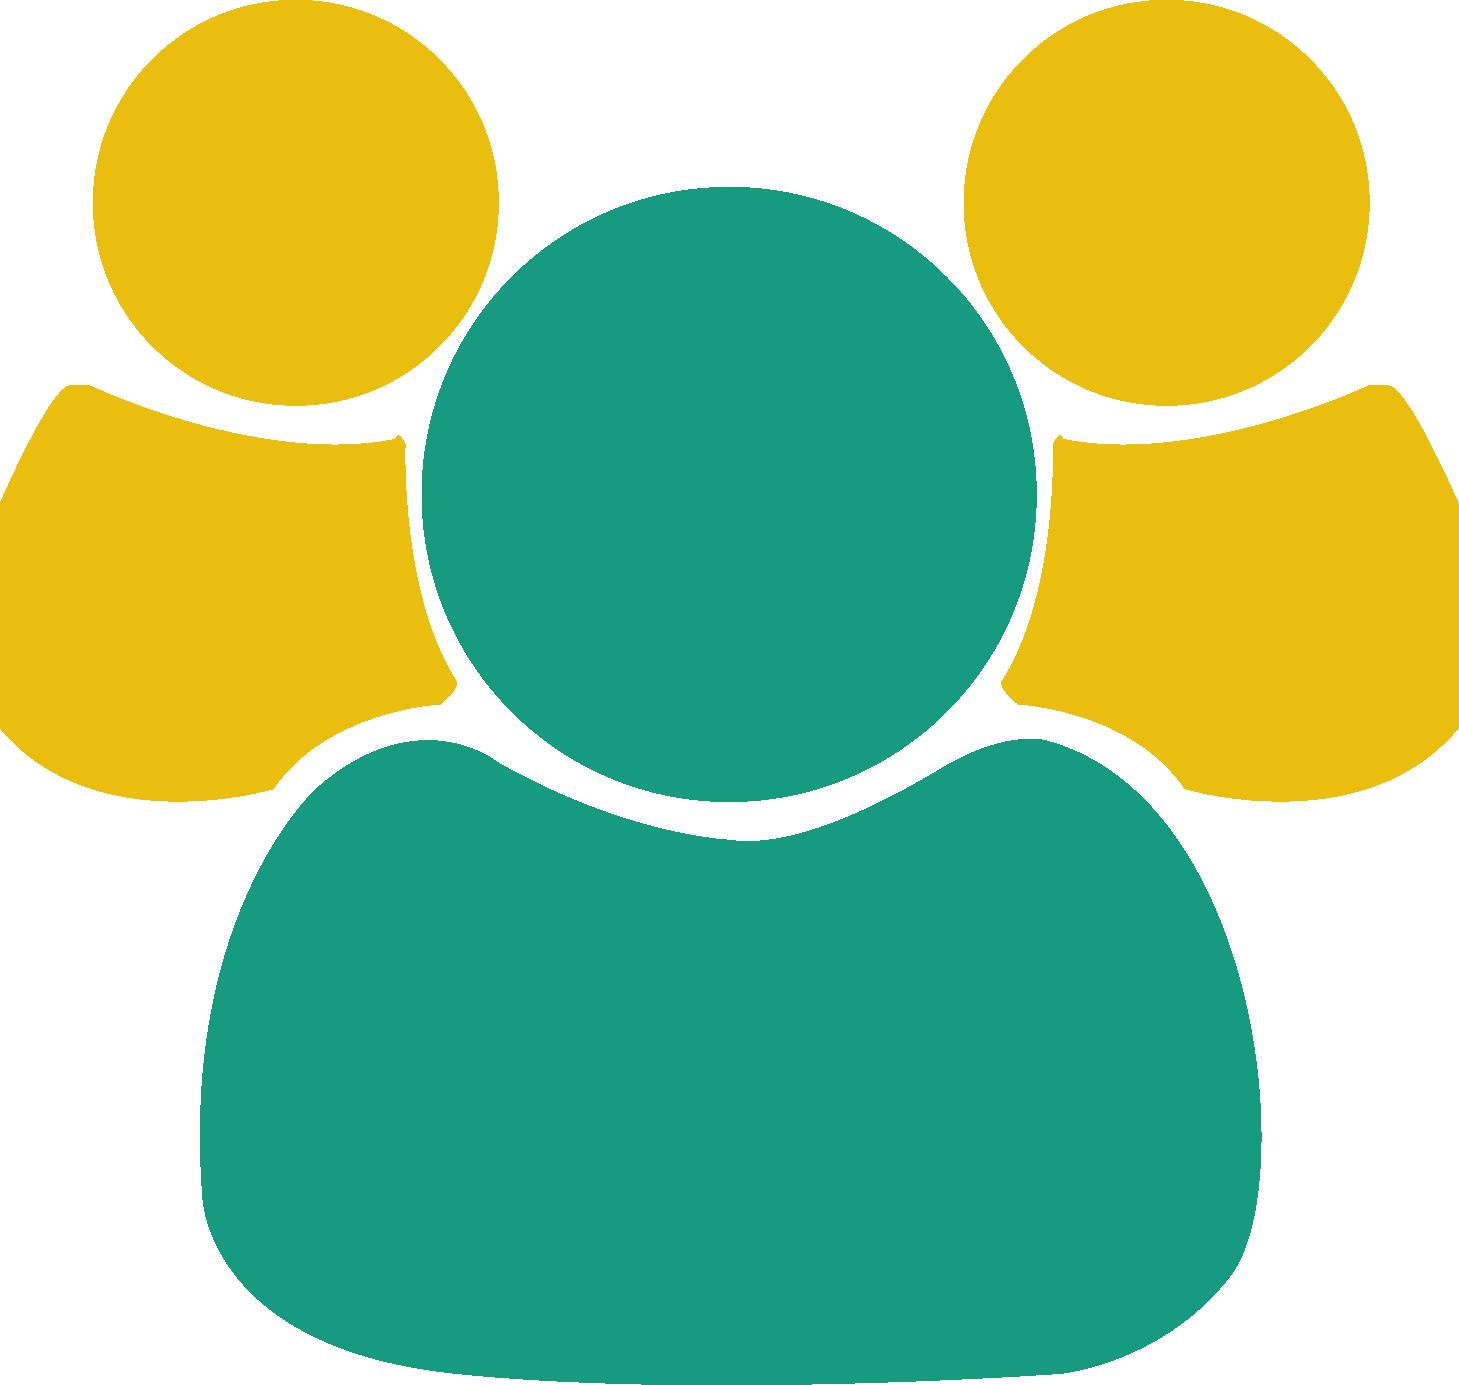 ÉTAPE 2: LE RECONDITIONNEMENT Le reconditionnement est effectué dans une installation agréée pour le traitement de DEEE. Les postes sont nettoyés, les données sont supprimées de manière sécurisée, et de nouveaux systèmes d'exploitation sont installés (Linux ou Windows, selon les besoins de l